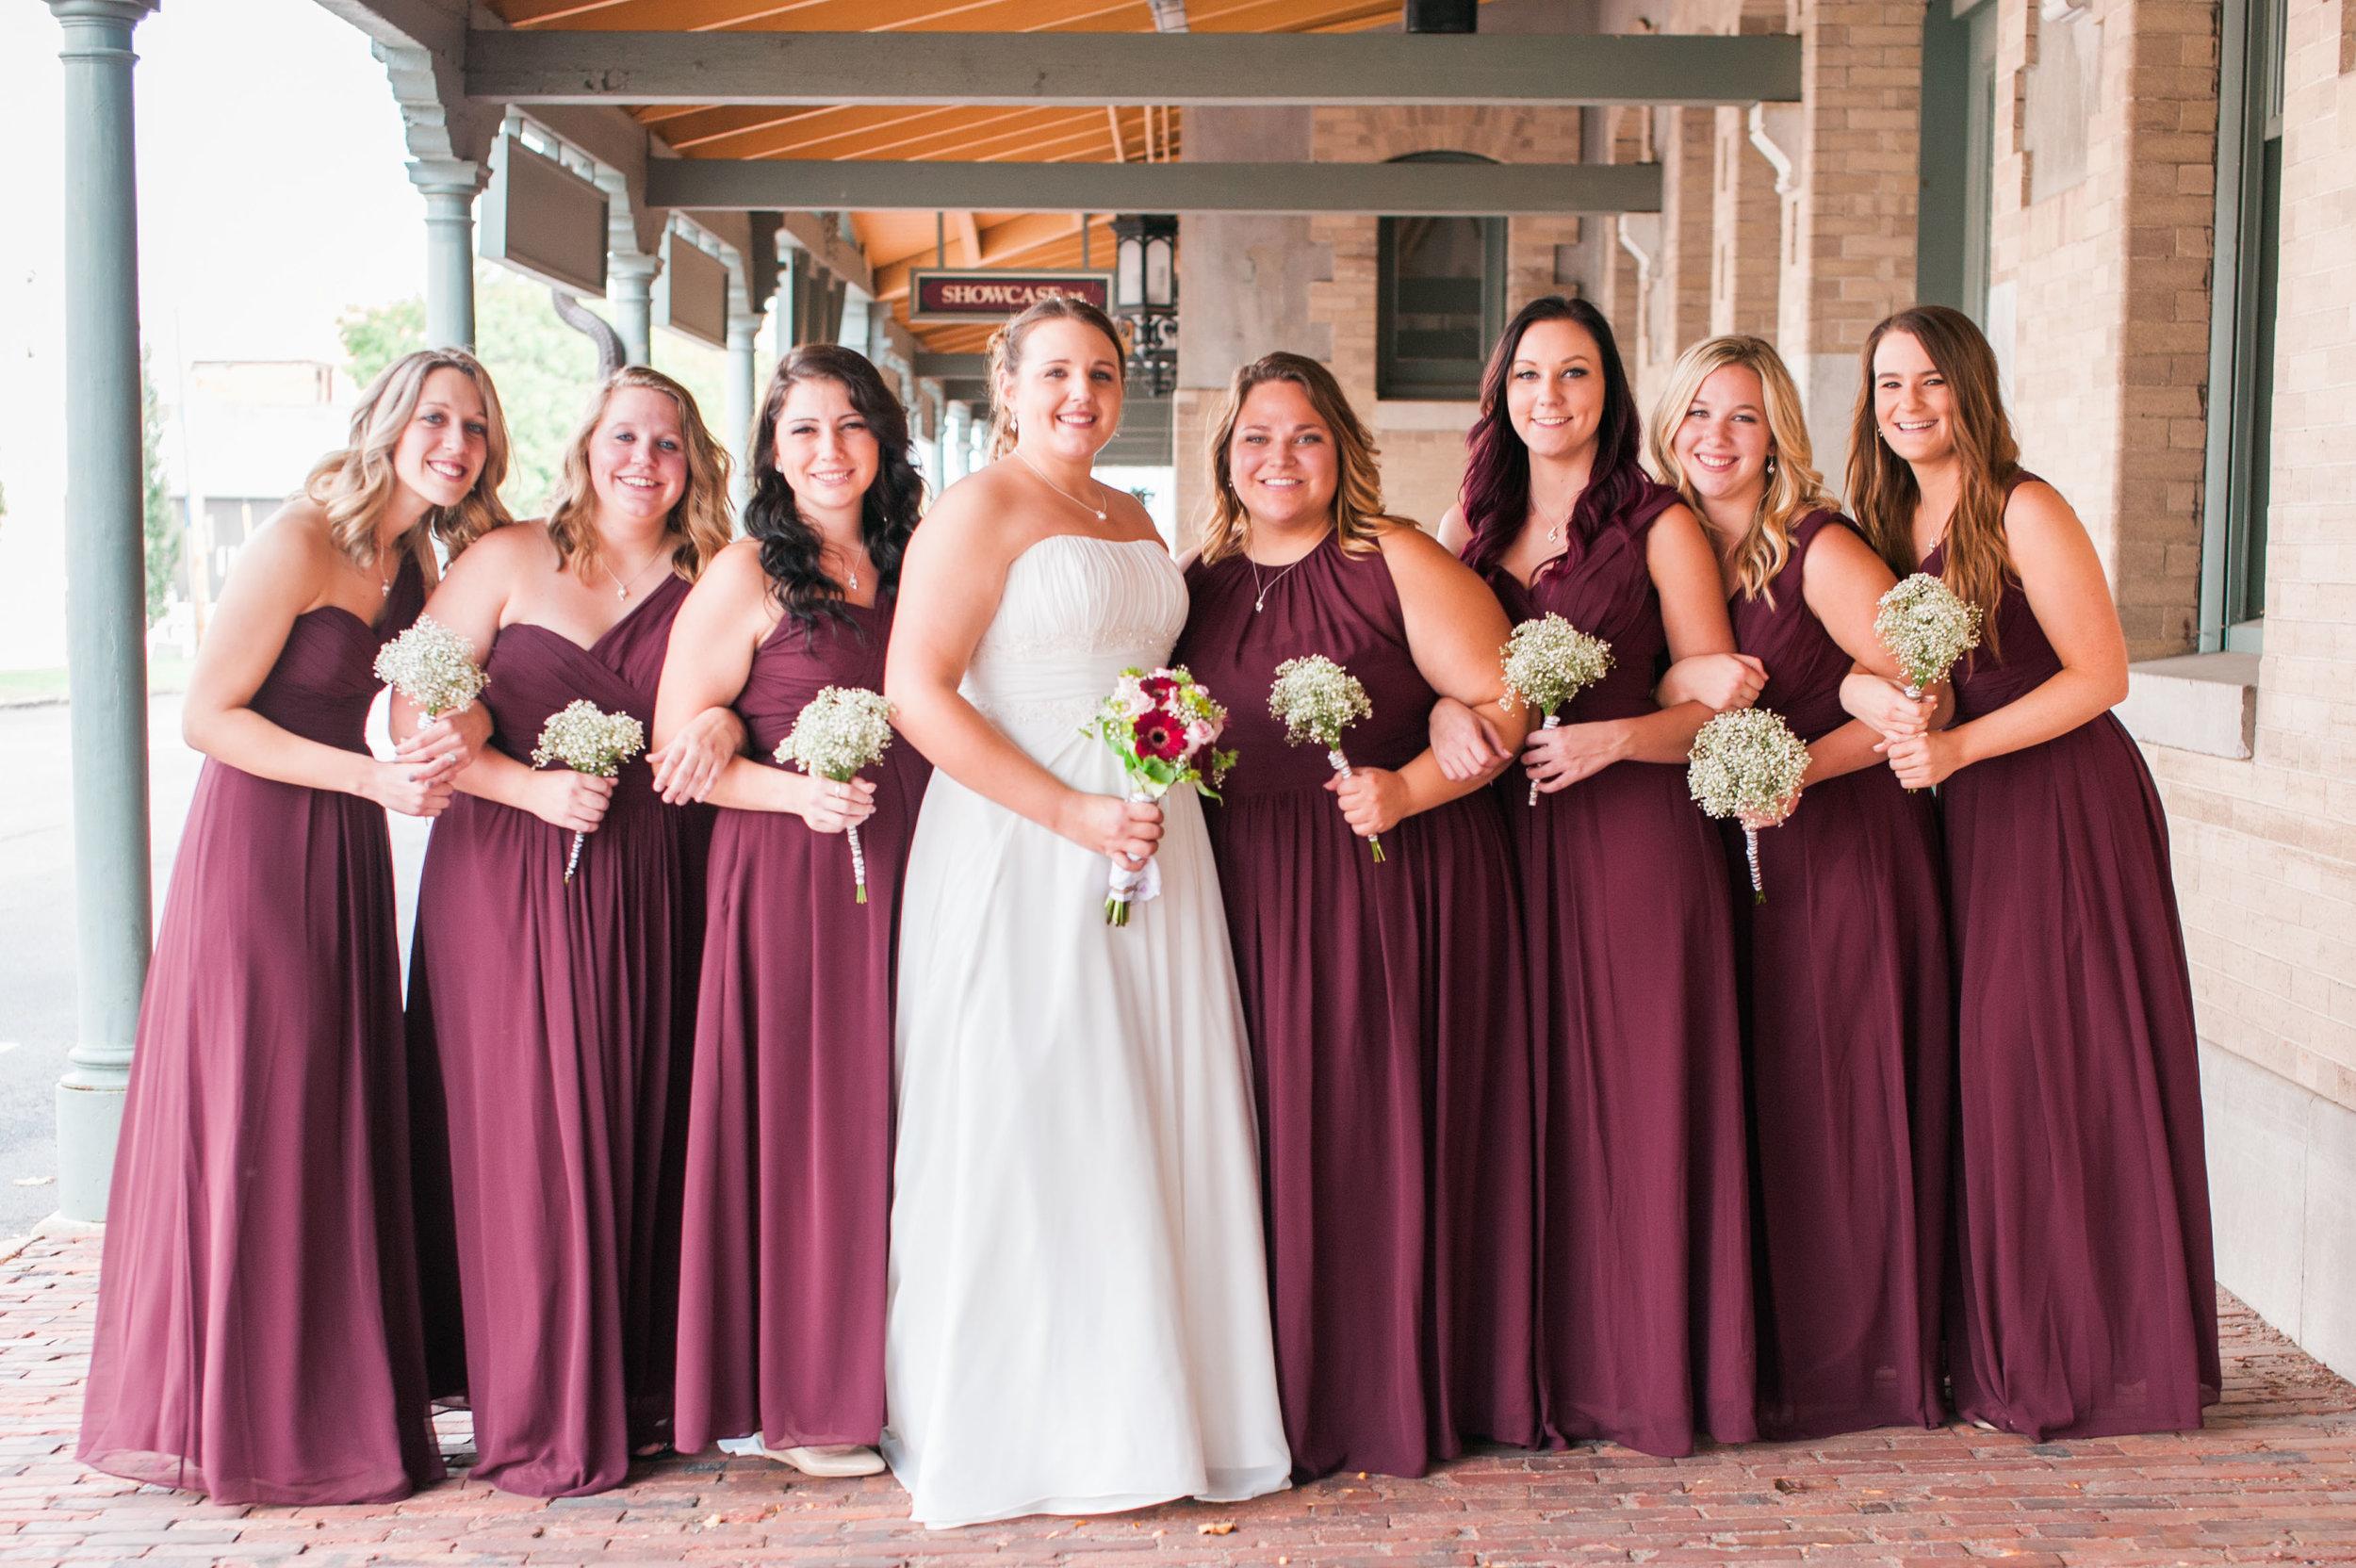 nebraska-wedding-photographer-18.jpg